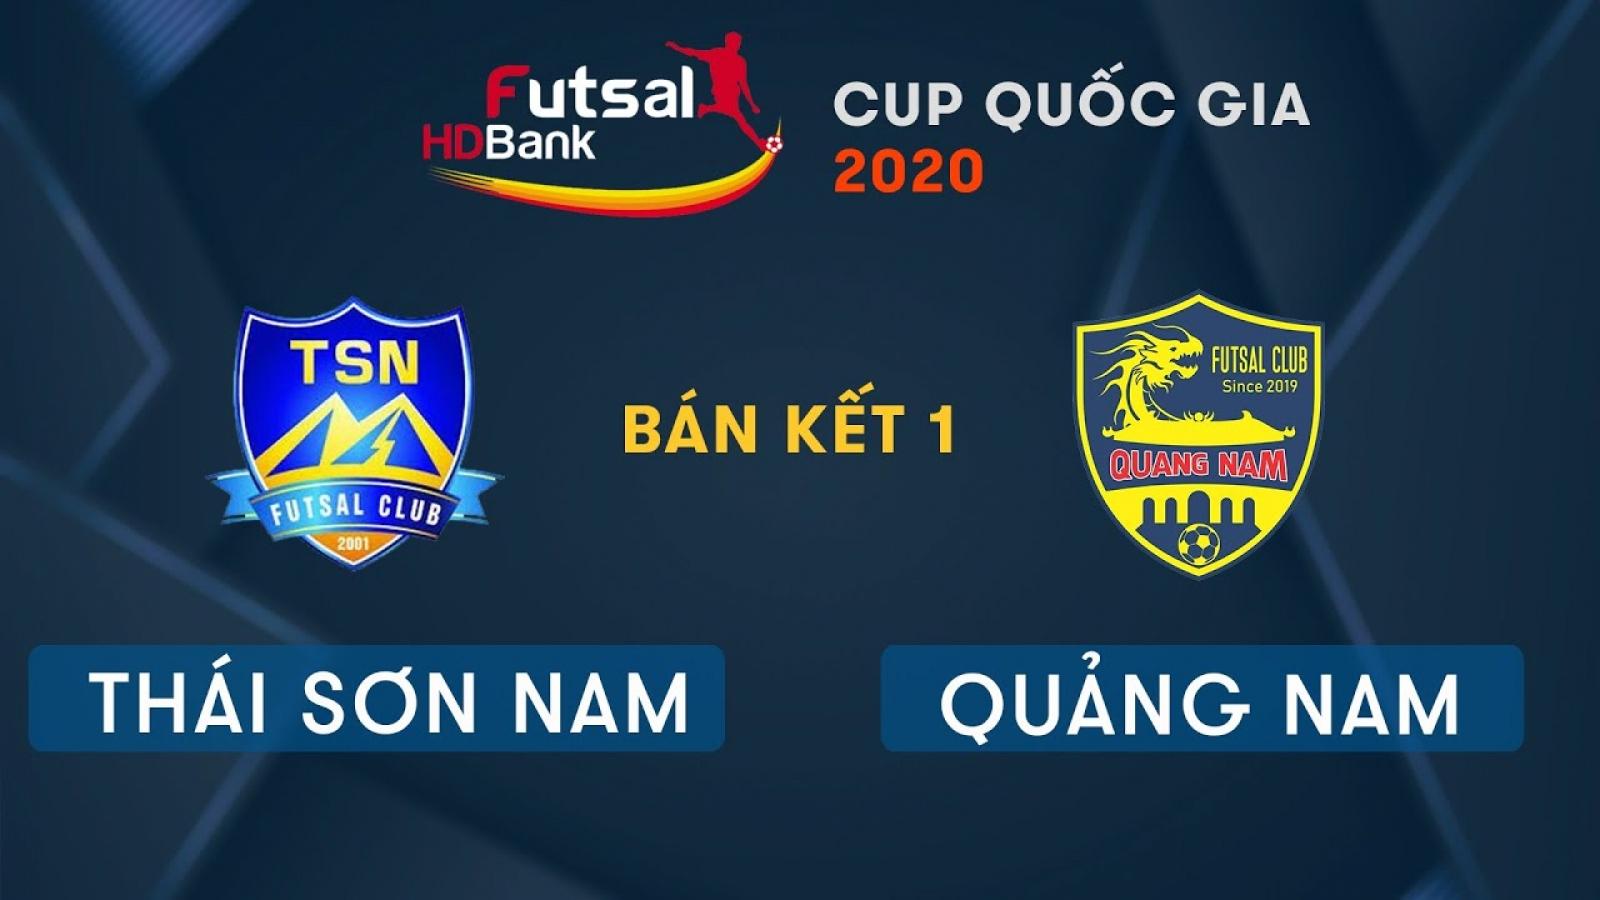 TRỰC TIẾP Thái Sơn Nam vs Quảng Nam - Bán kết Giải Futsal HDBank Cúp Quốc gia 2020